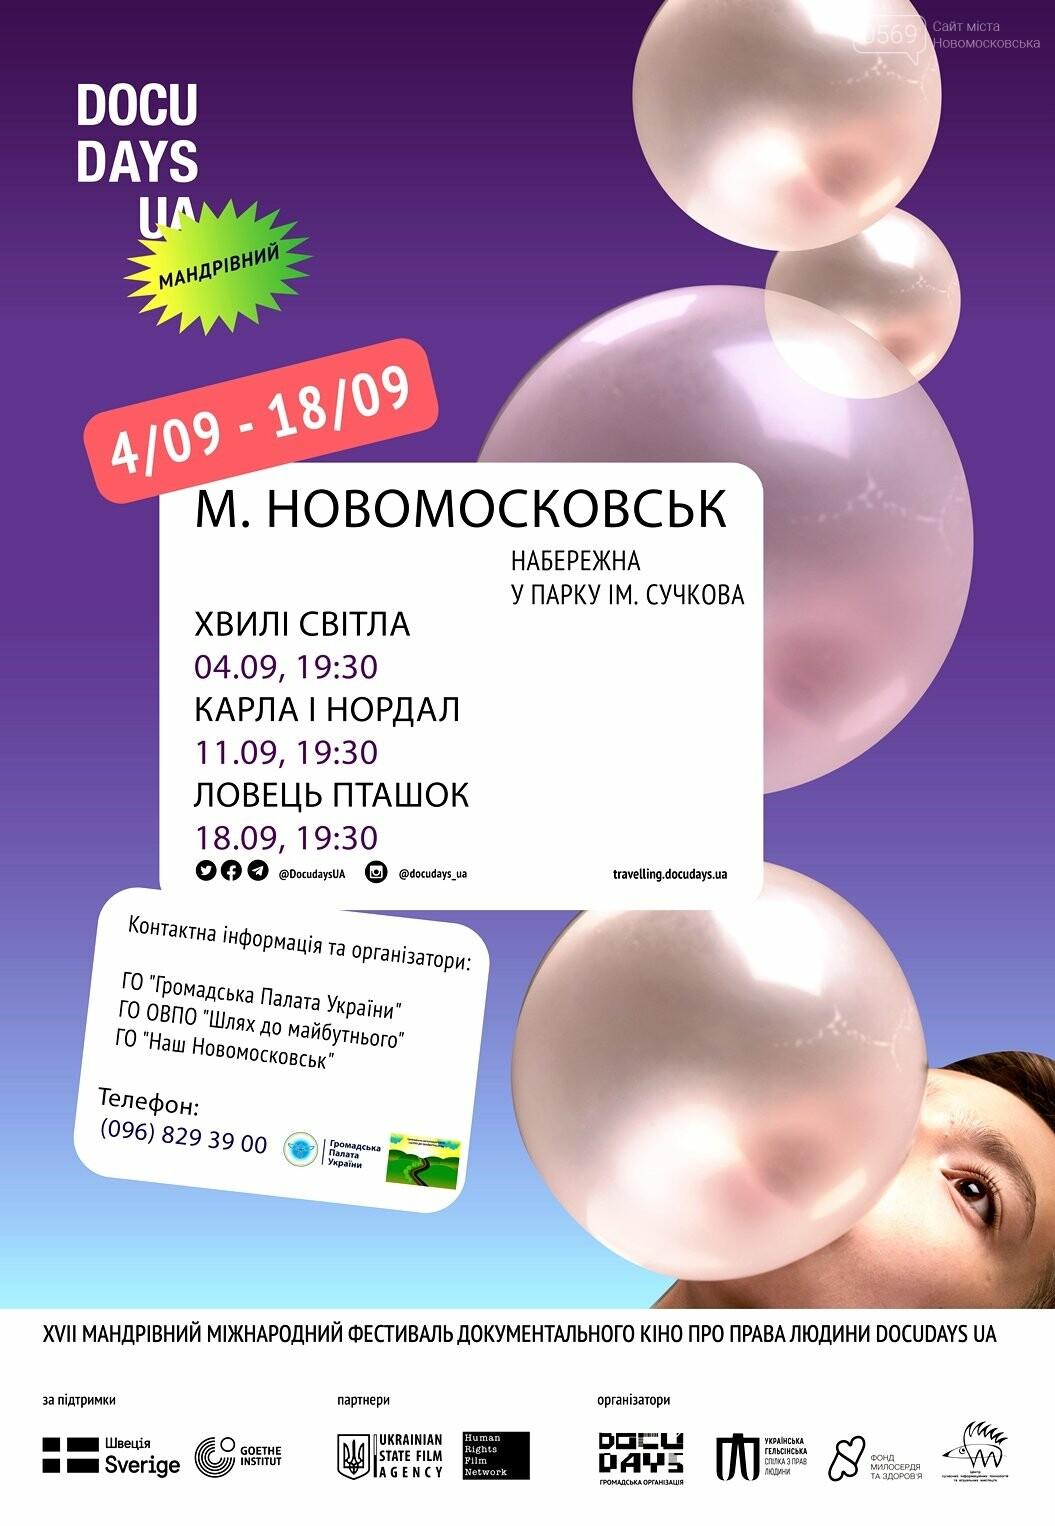 У Новомосковськ приїхав Мандрівний міжнародний фестиваль документального кіно: де подивитися?, фото-1